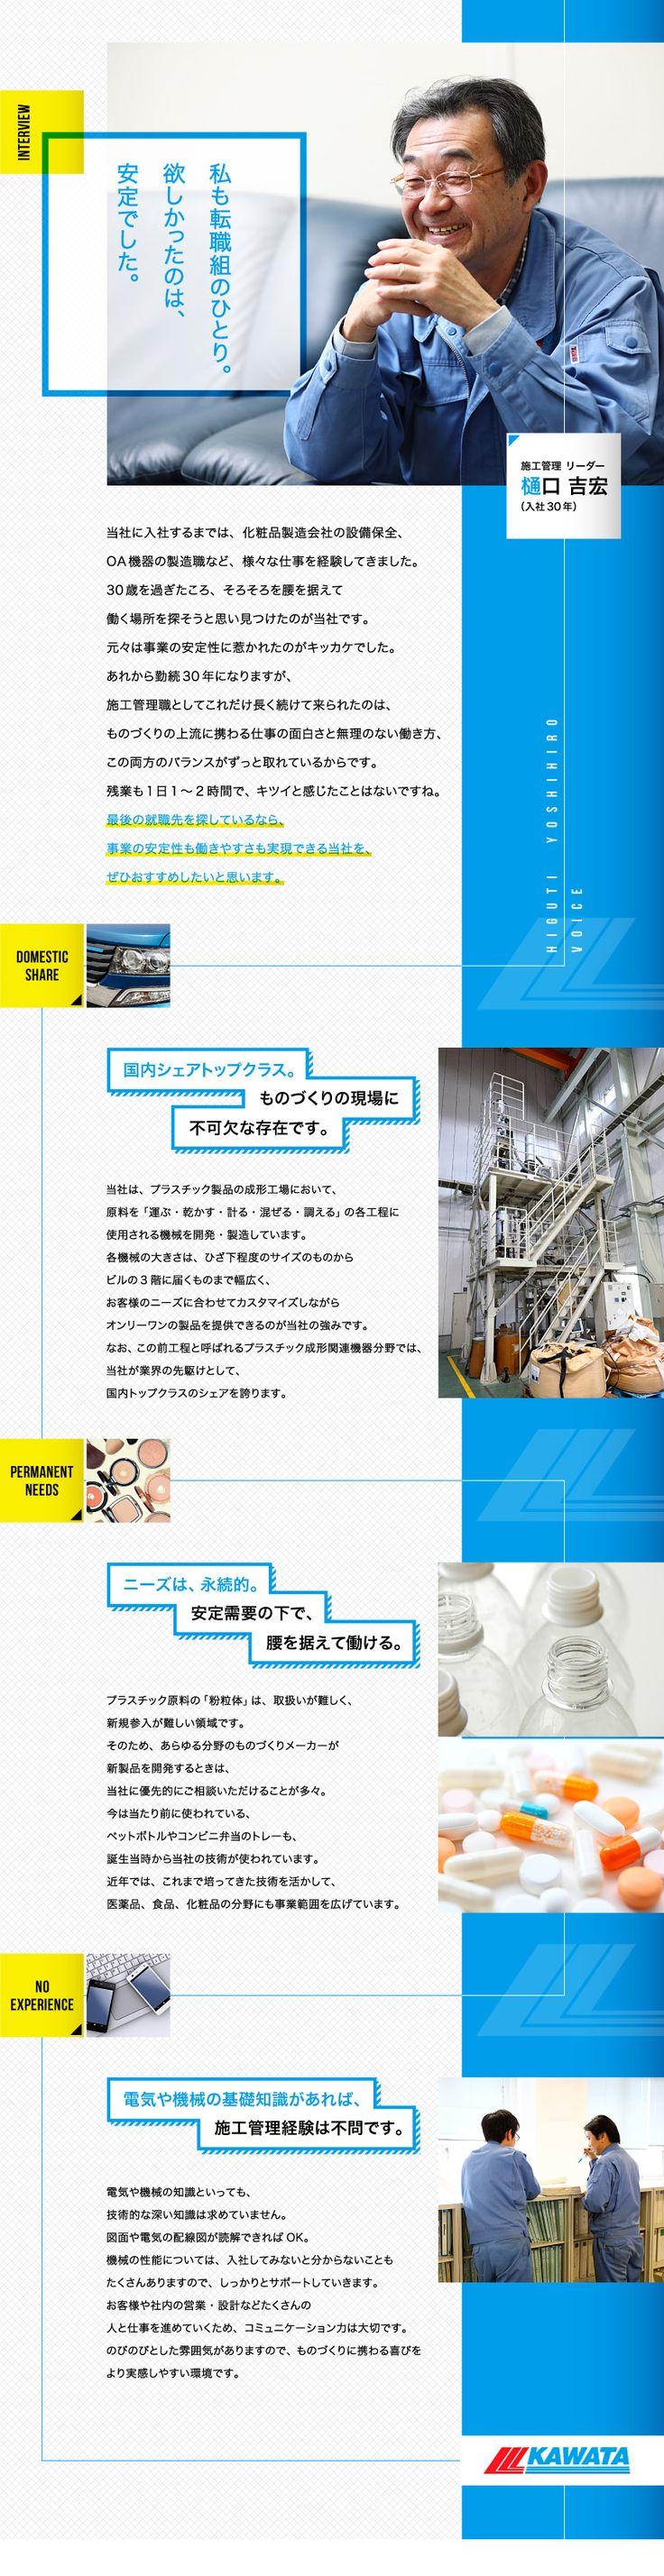 株式会社カワタ【東証二部上場】/機械メーカーの設備施工管理(30代~50代が活躍中/年間休日126日以上)※国内シェアトップクラスの求人PR - 転職ならDODA(デューダ)